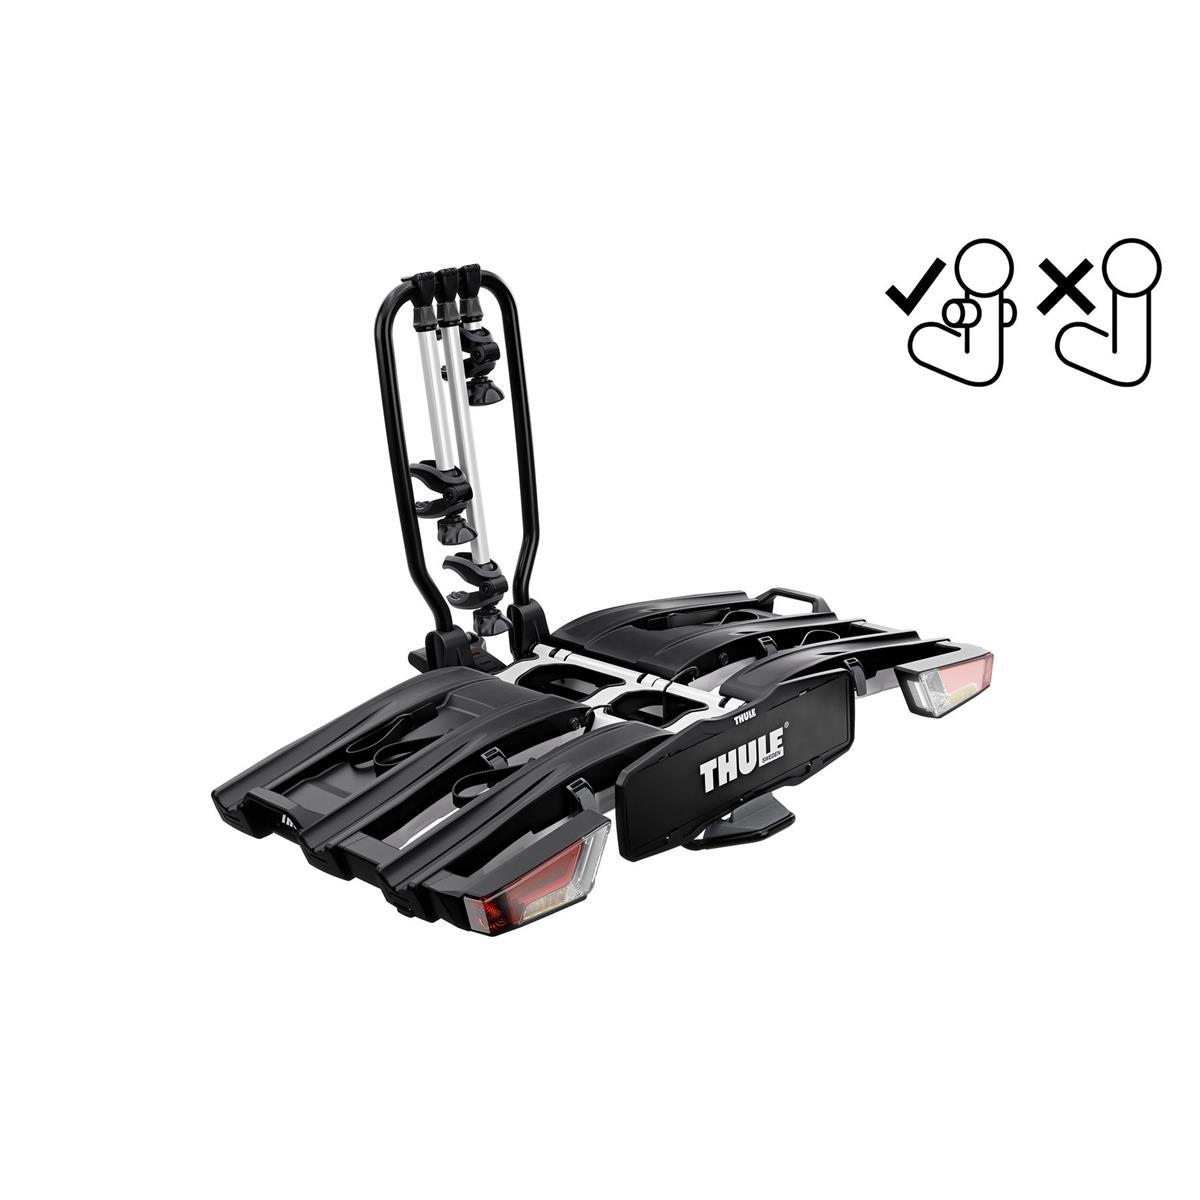 Portabici Posteriore per Gancio Traino EasyFold XT 966 Fix4Bike per Tre Biciclette